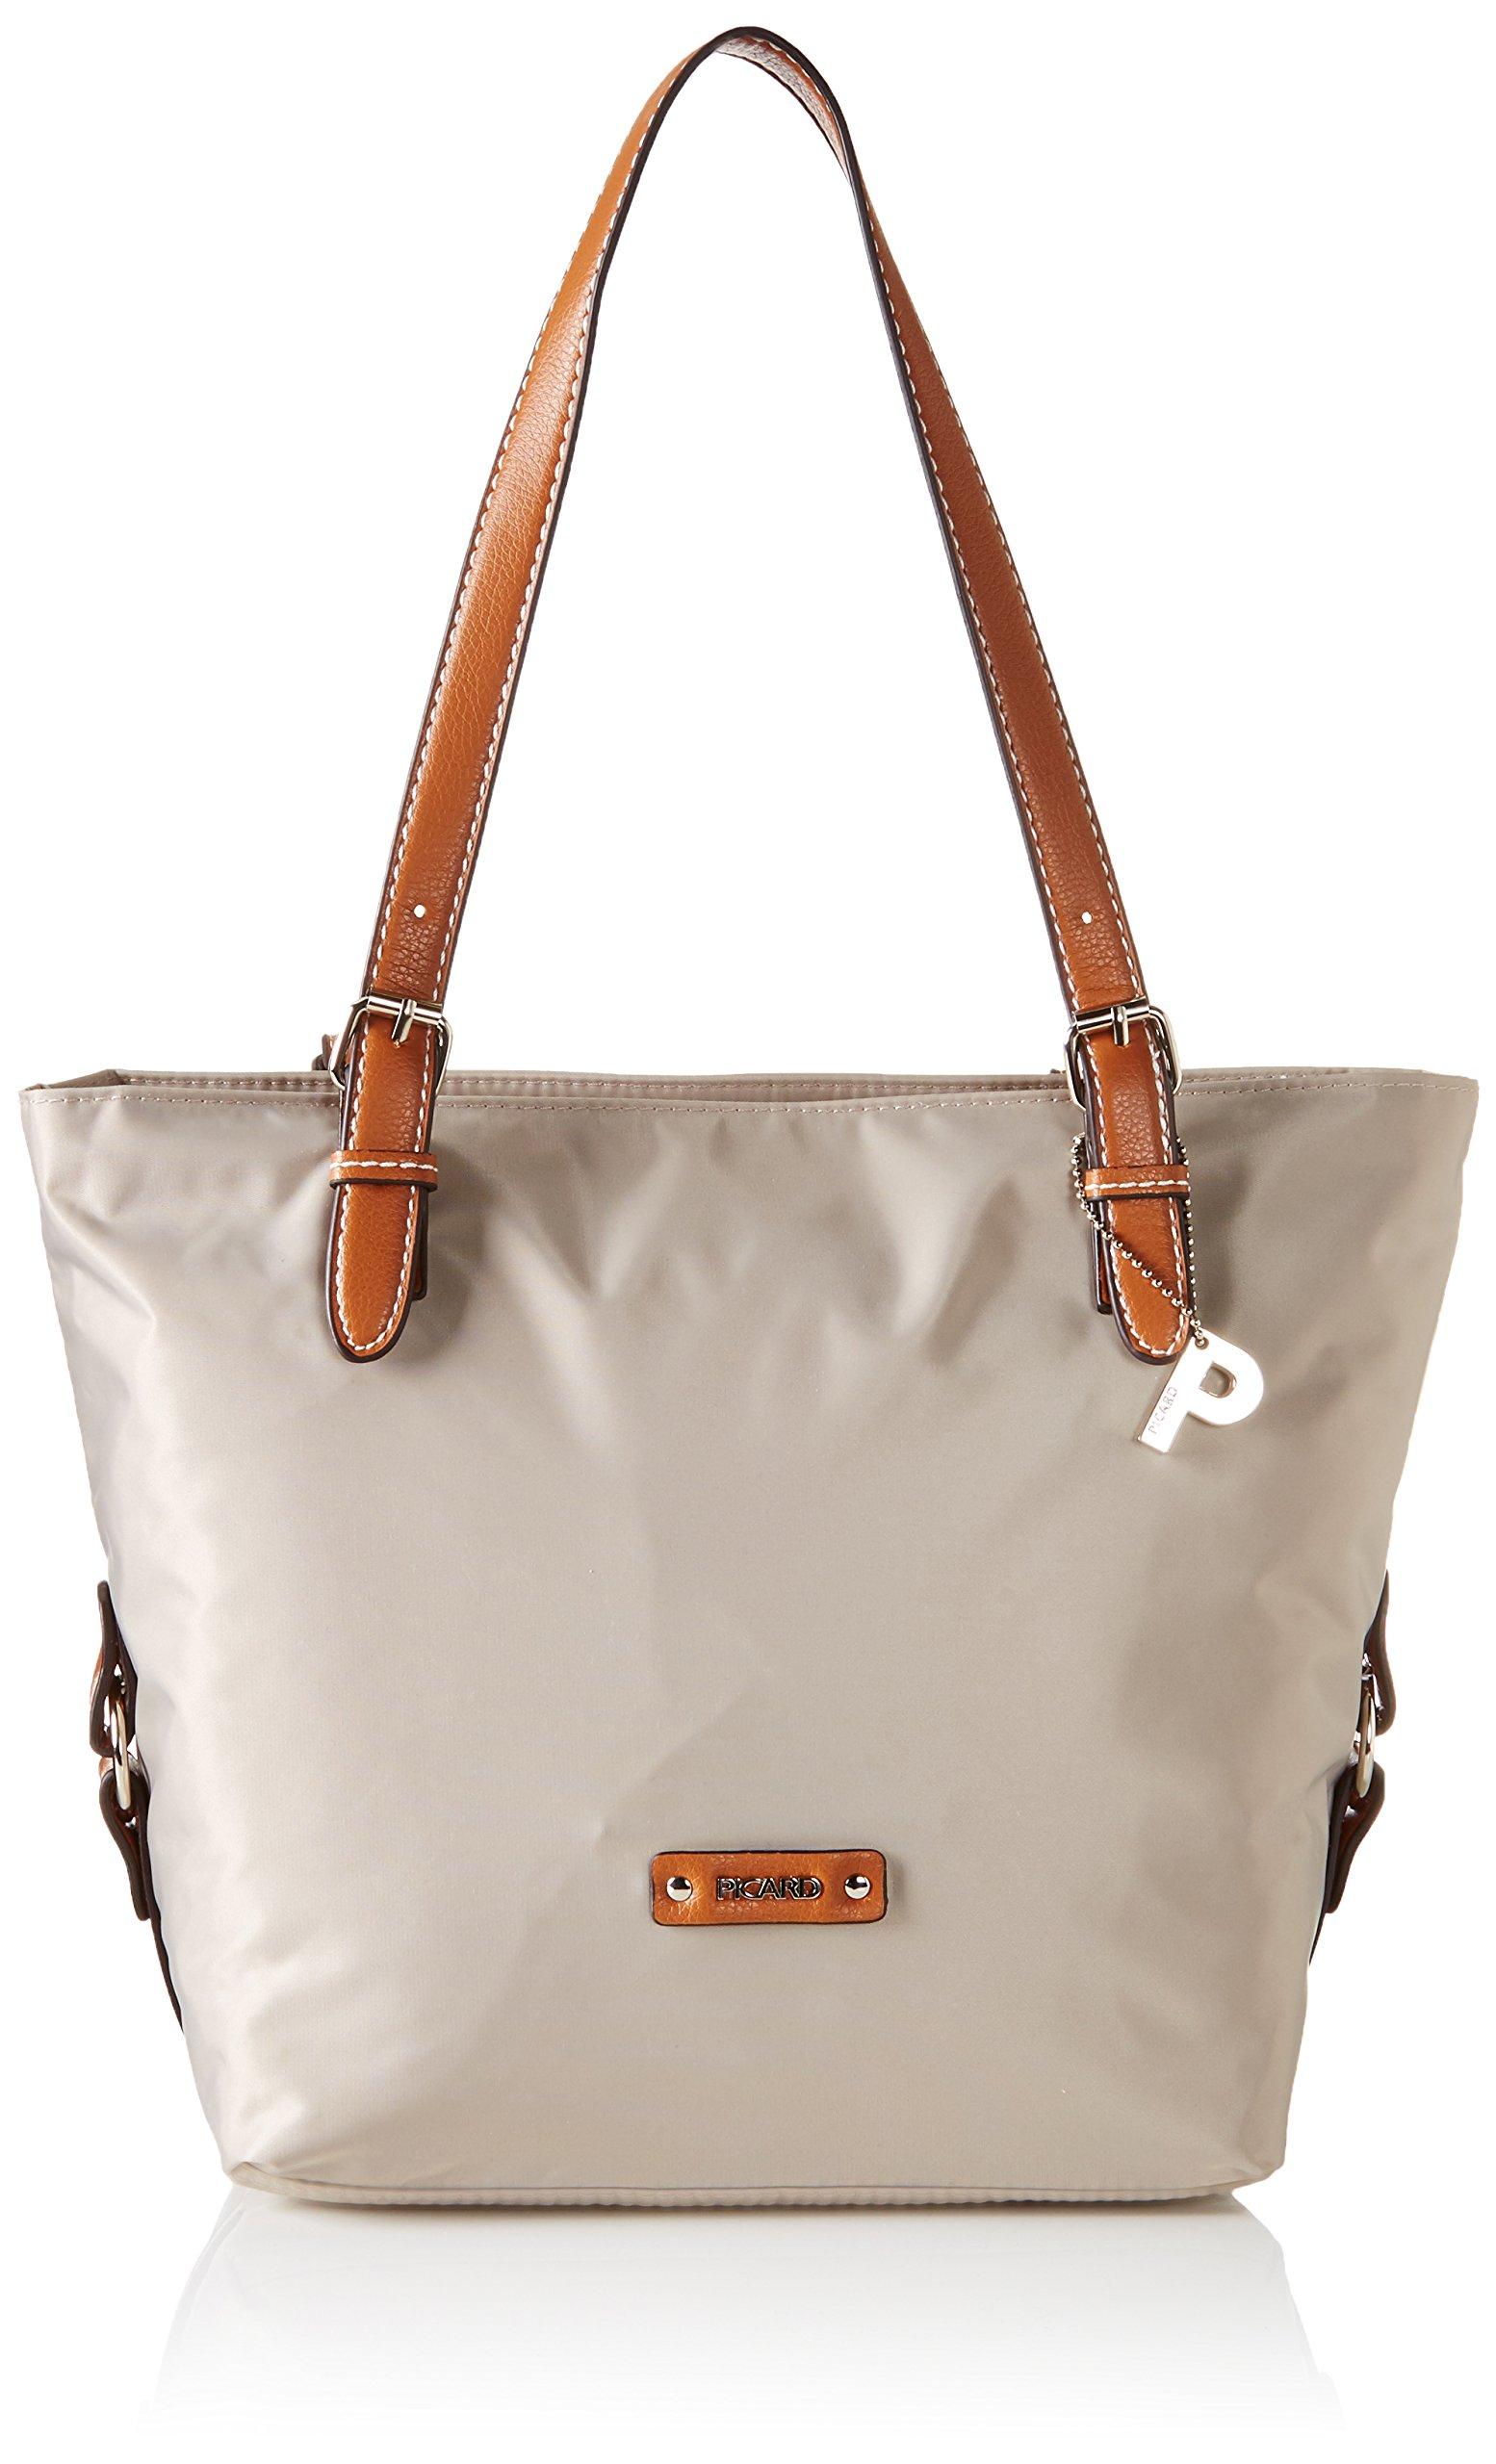 Picard Handtaschen Taschen 2794 perle Beige YfEnq